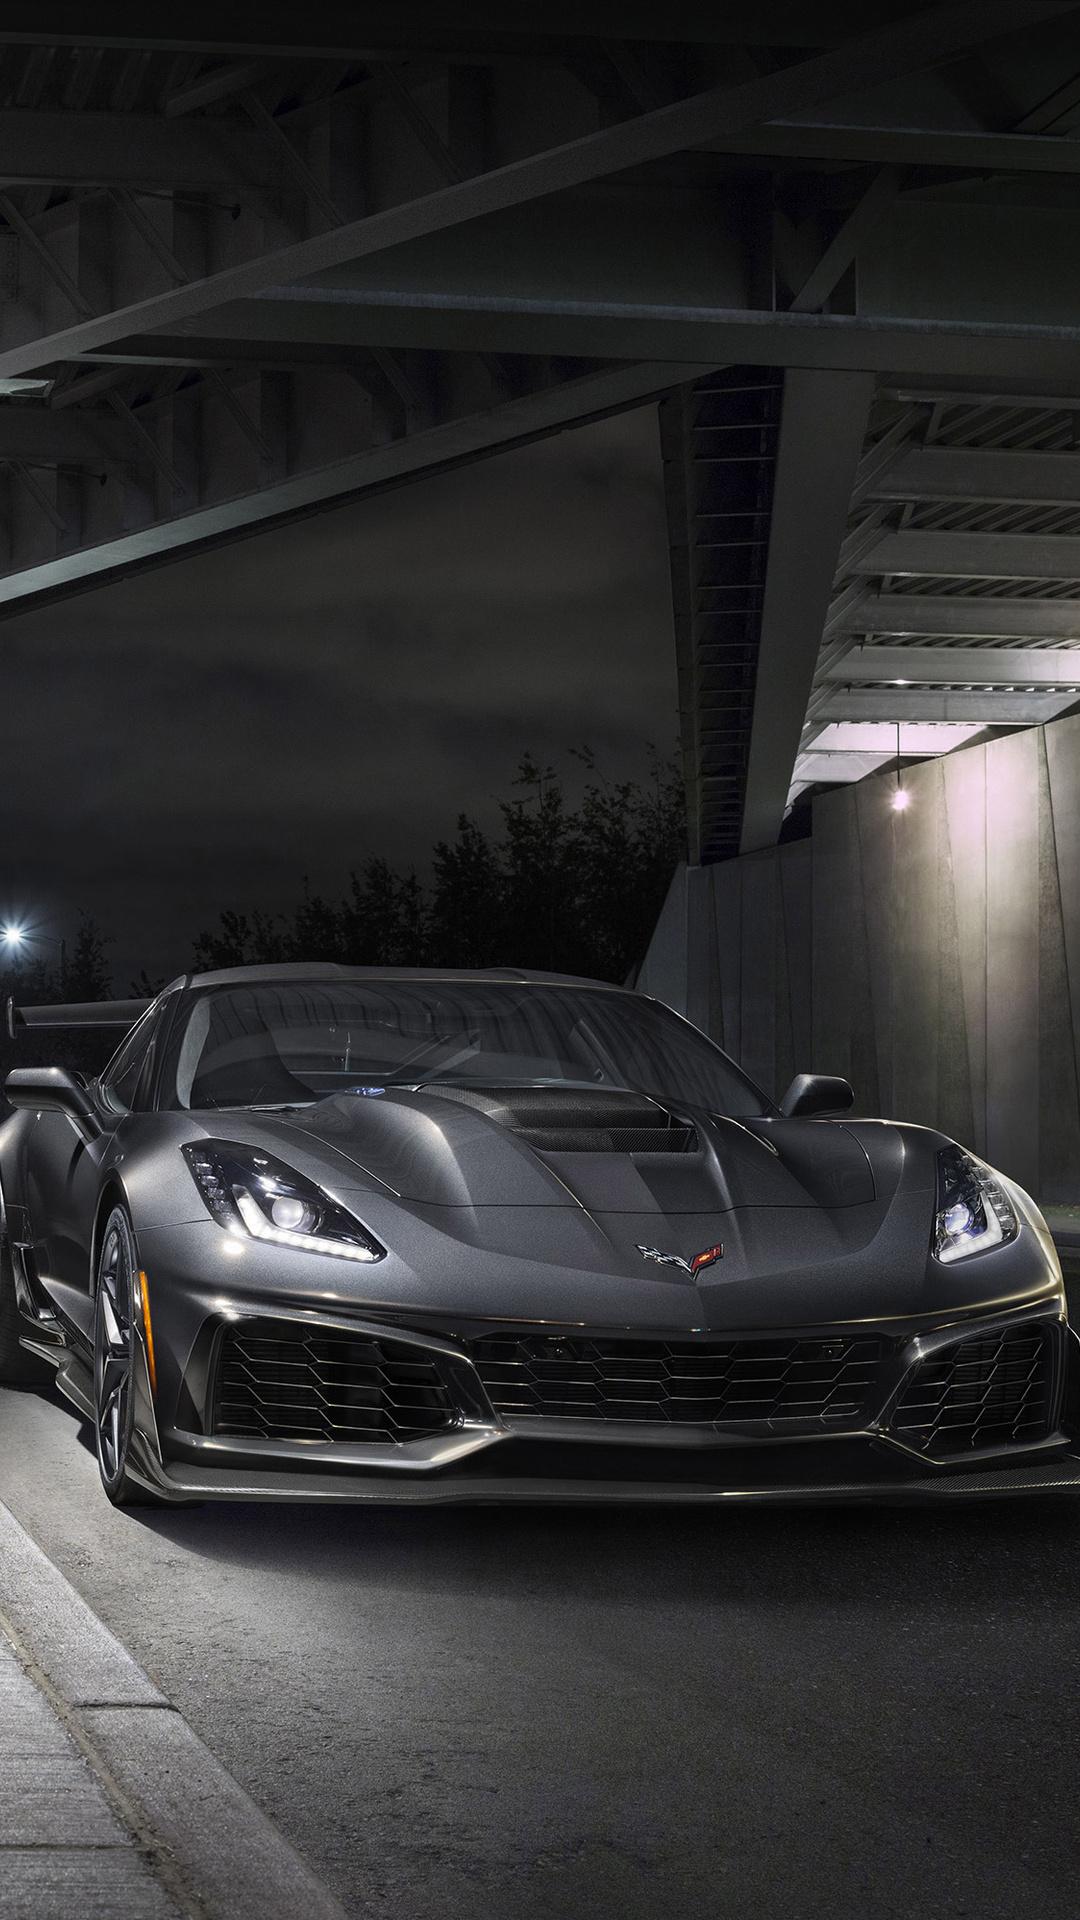 1080x1920 2019 Chevrolet Corvette Zr1 4k Iphone 7 6s 6 Plus Pixel